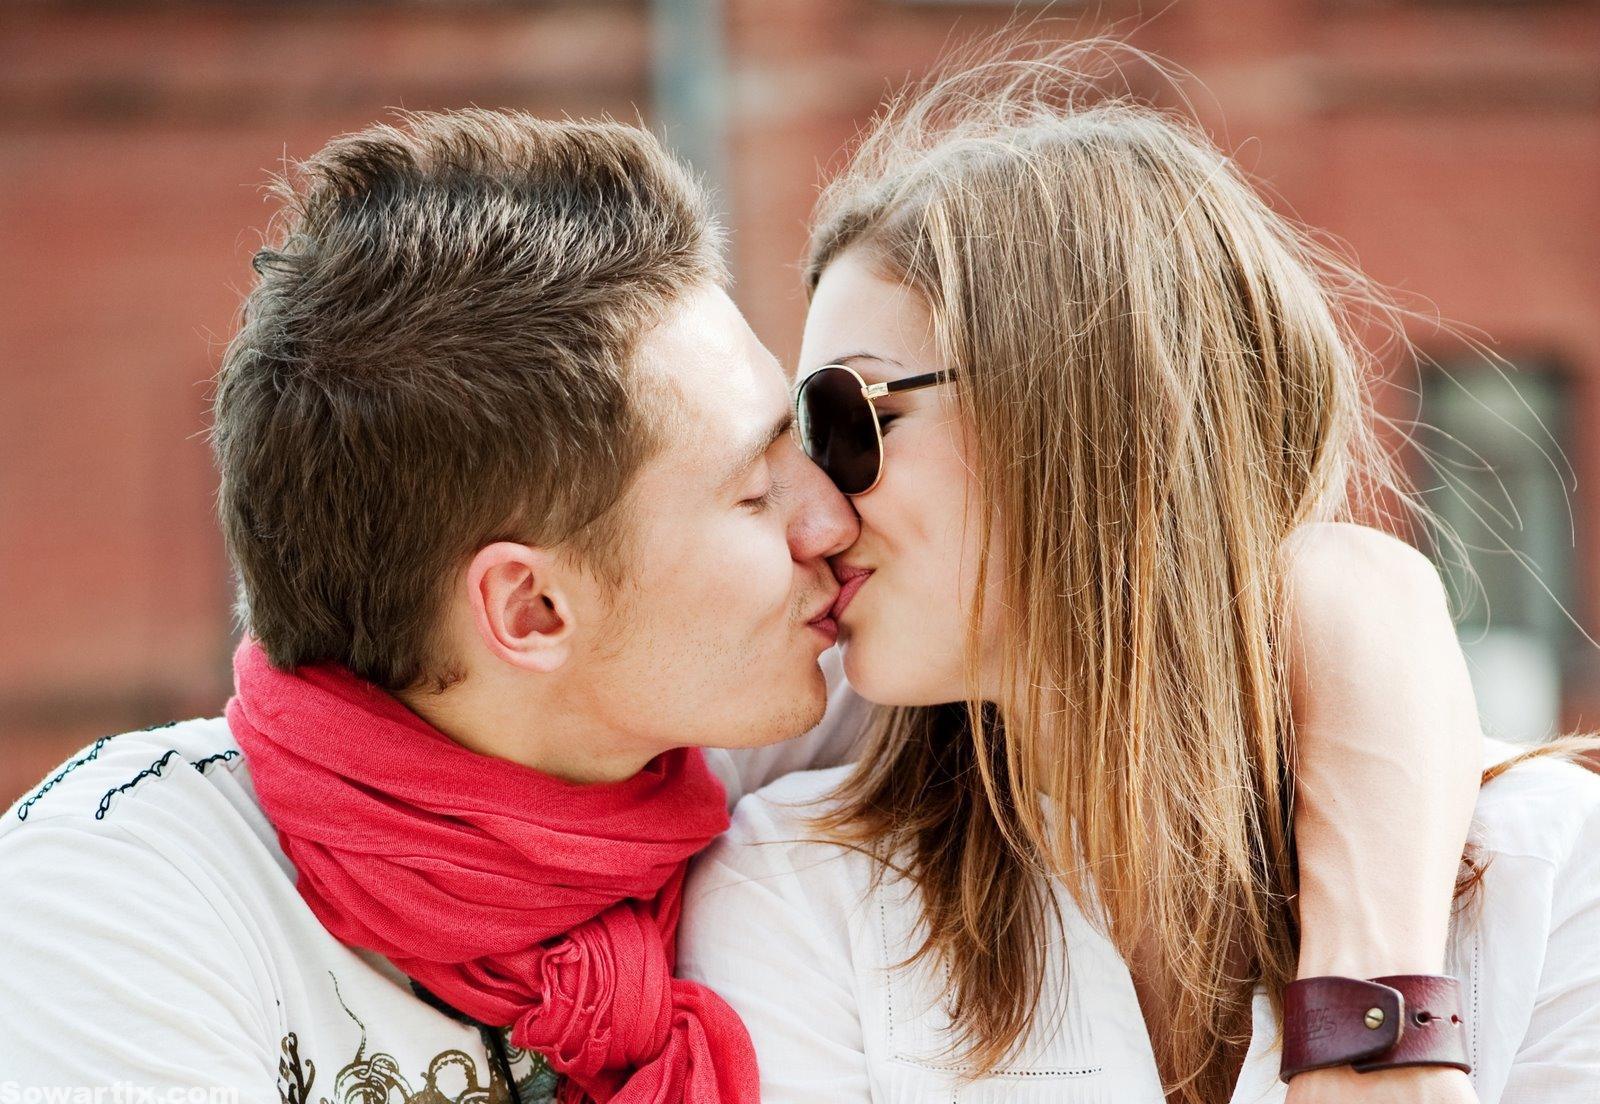 بالصور صور حب ورومانسية , اجمل الصور والخلفيات الرومانسية 3272